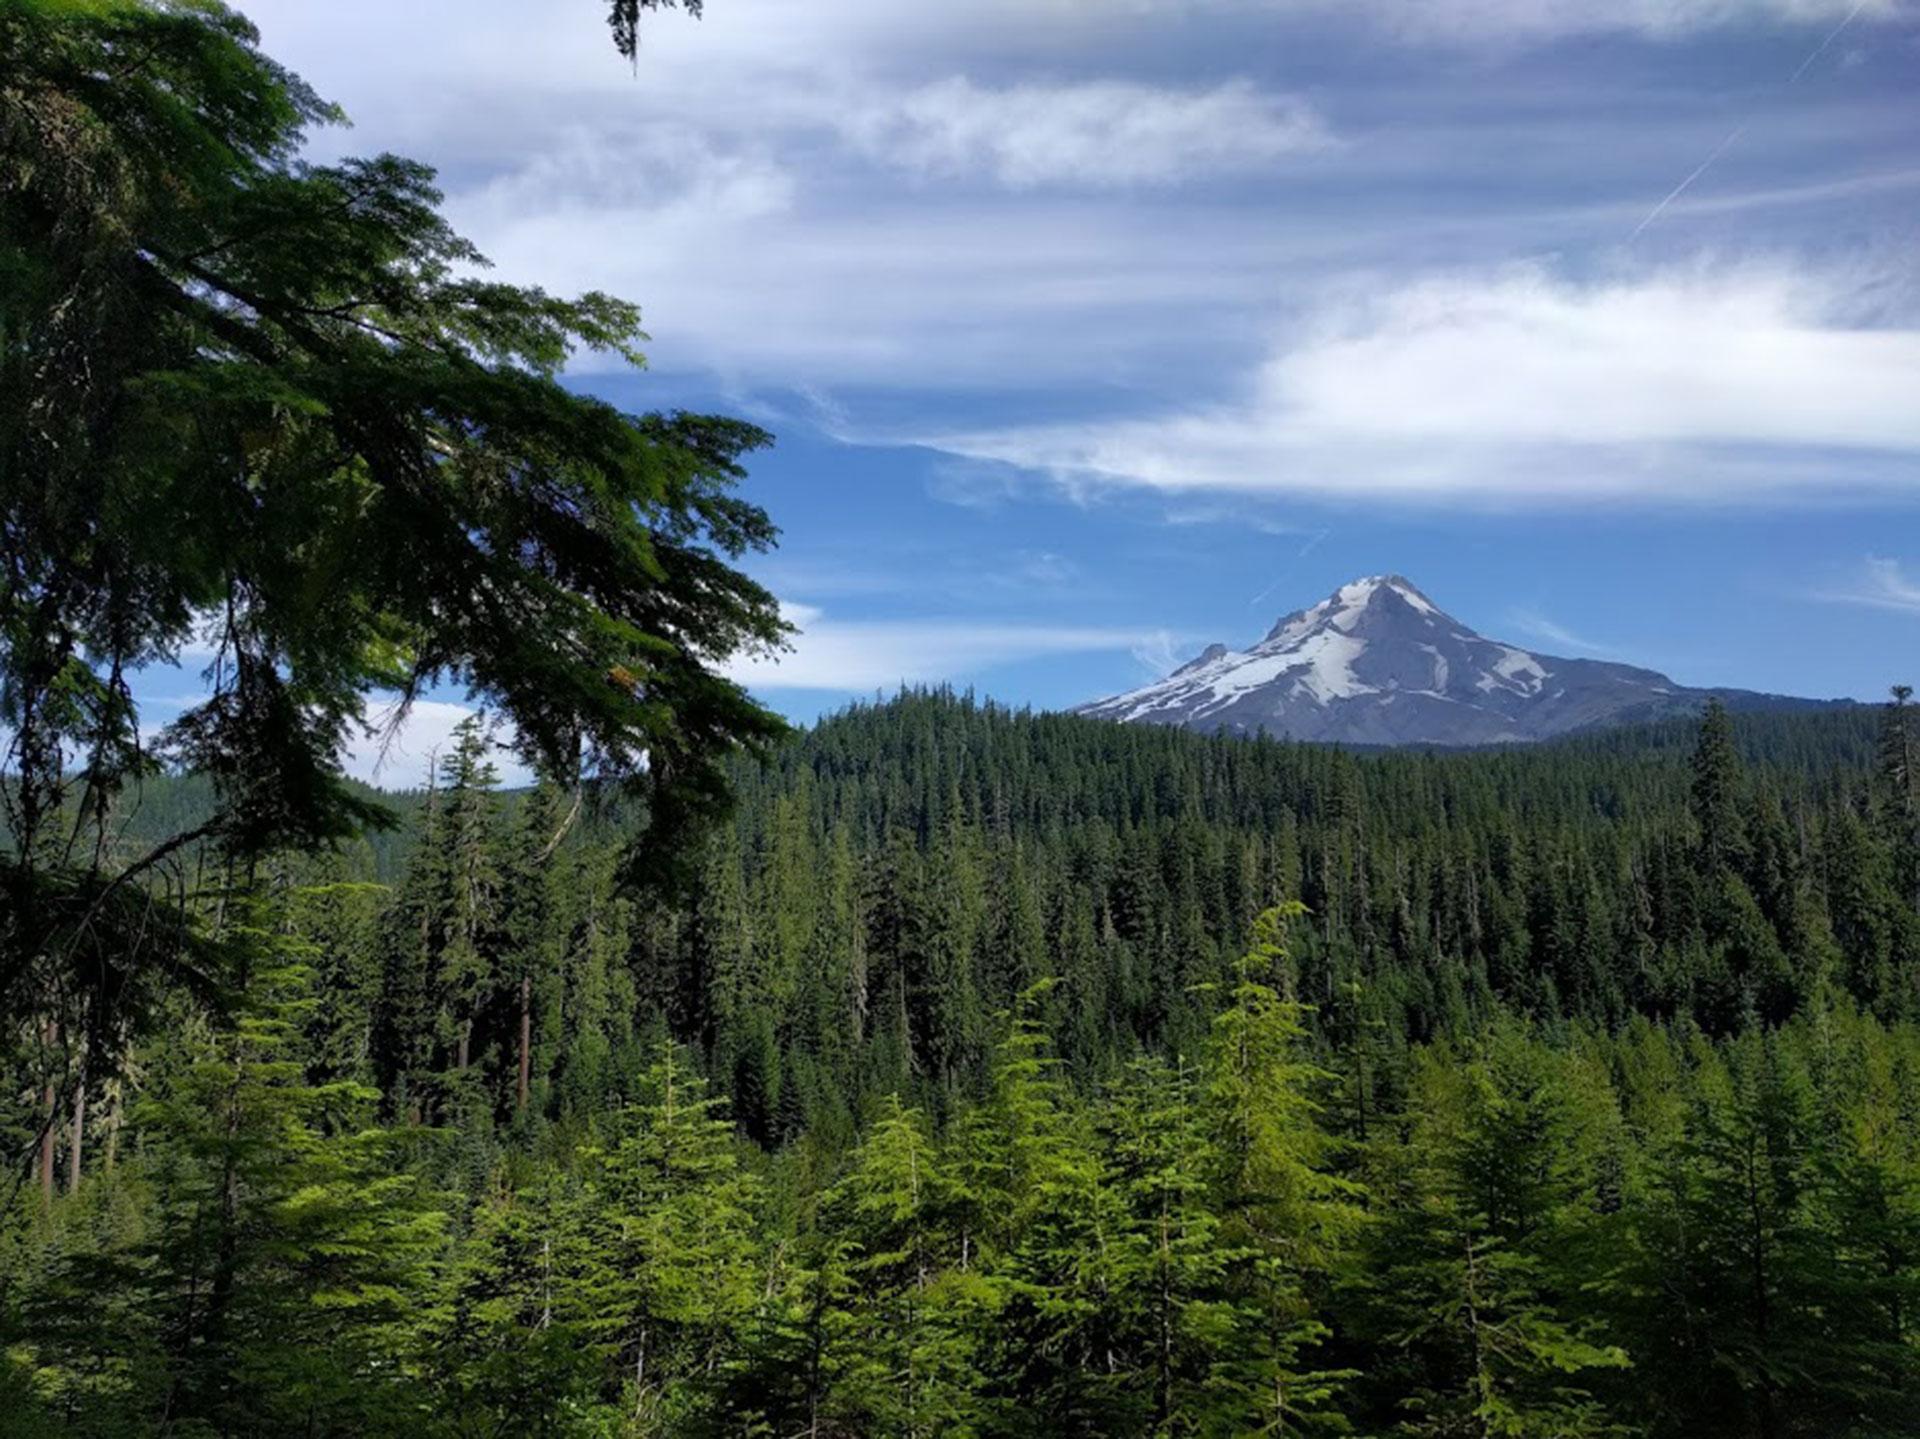 View of Mount Hood